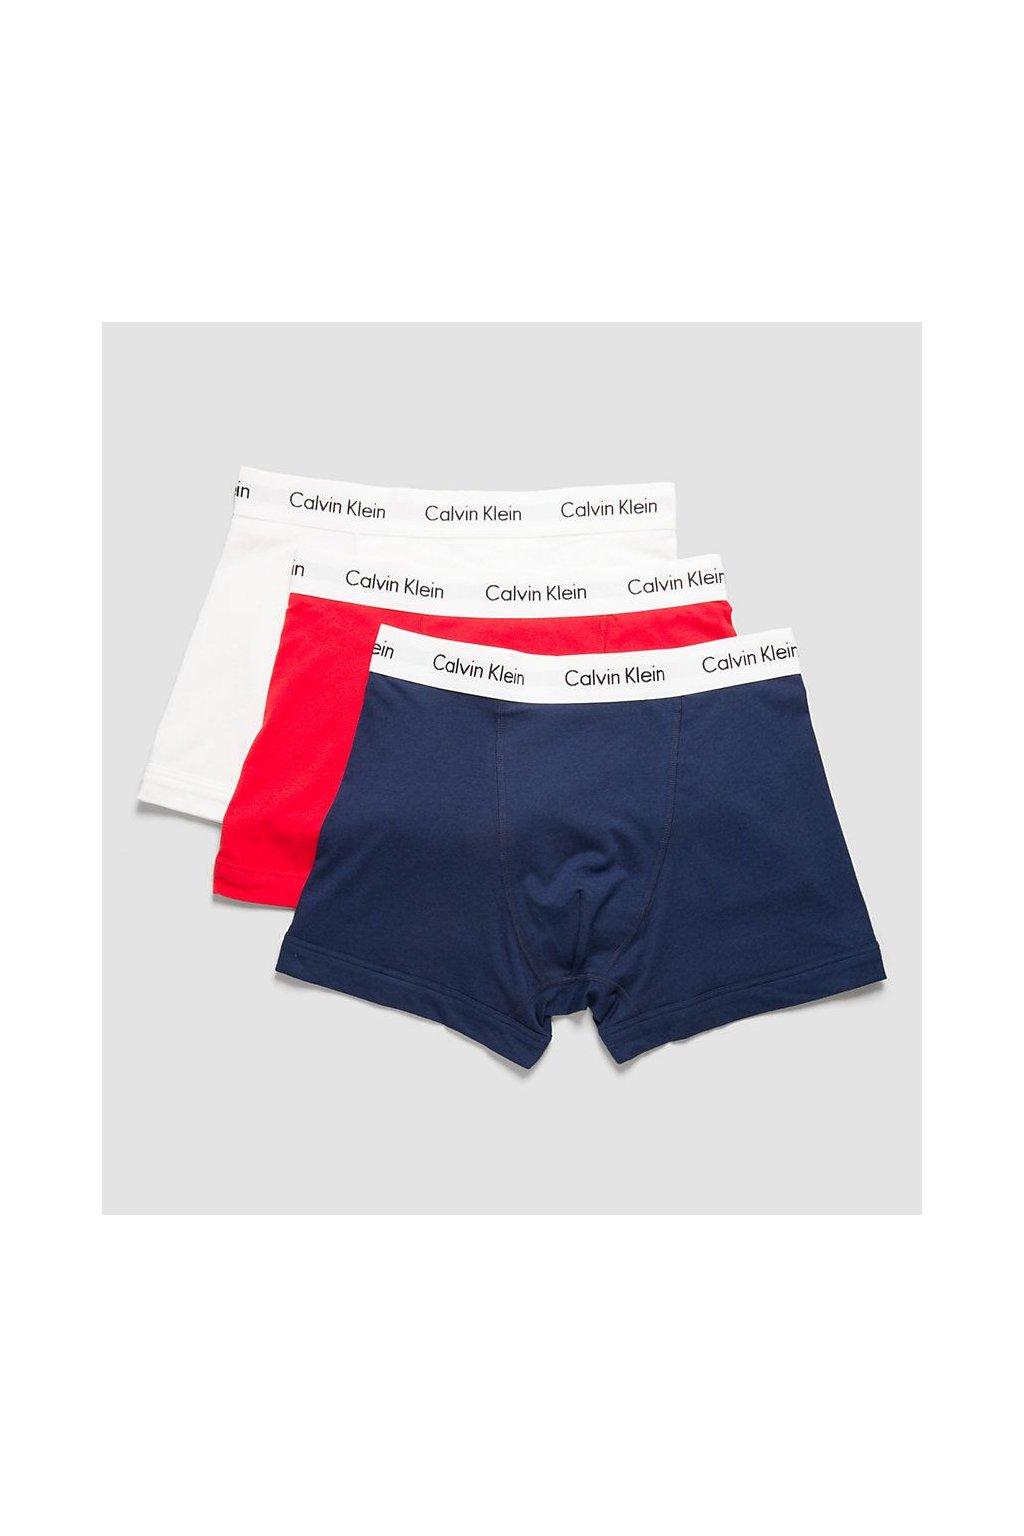 Calvin Klein 3 Pack Boxerky Blue, Red&White